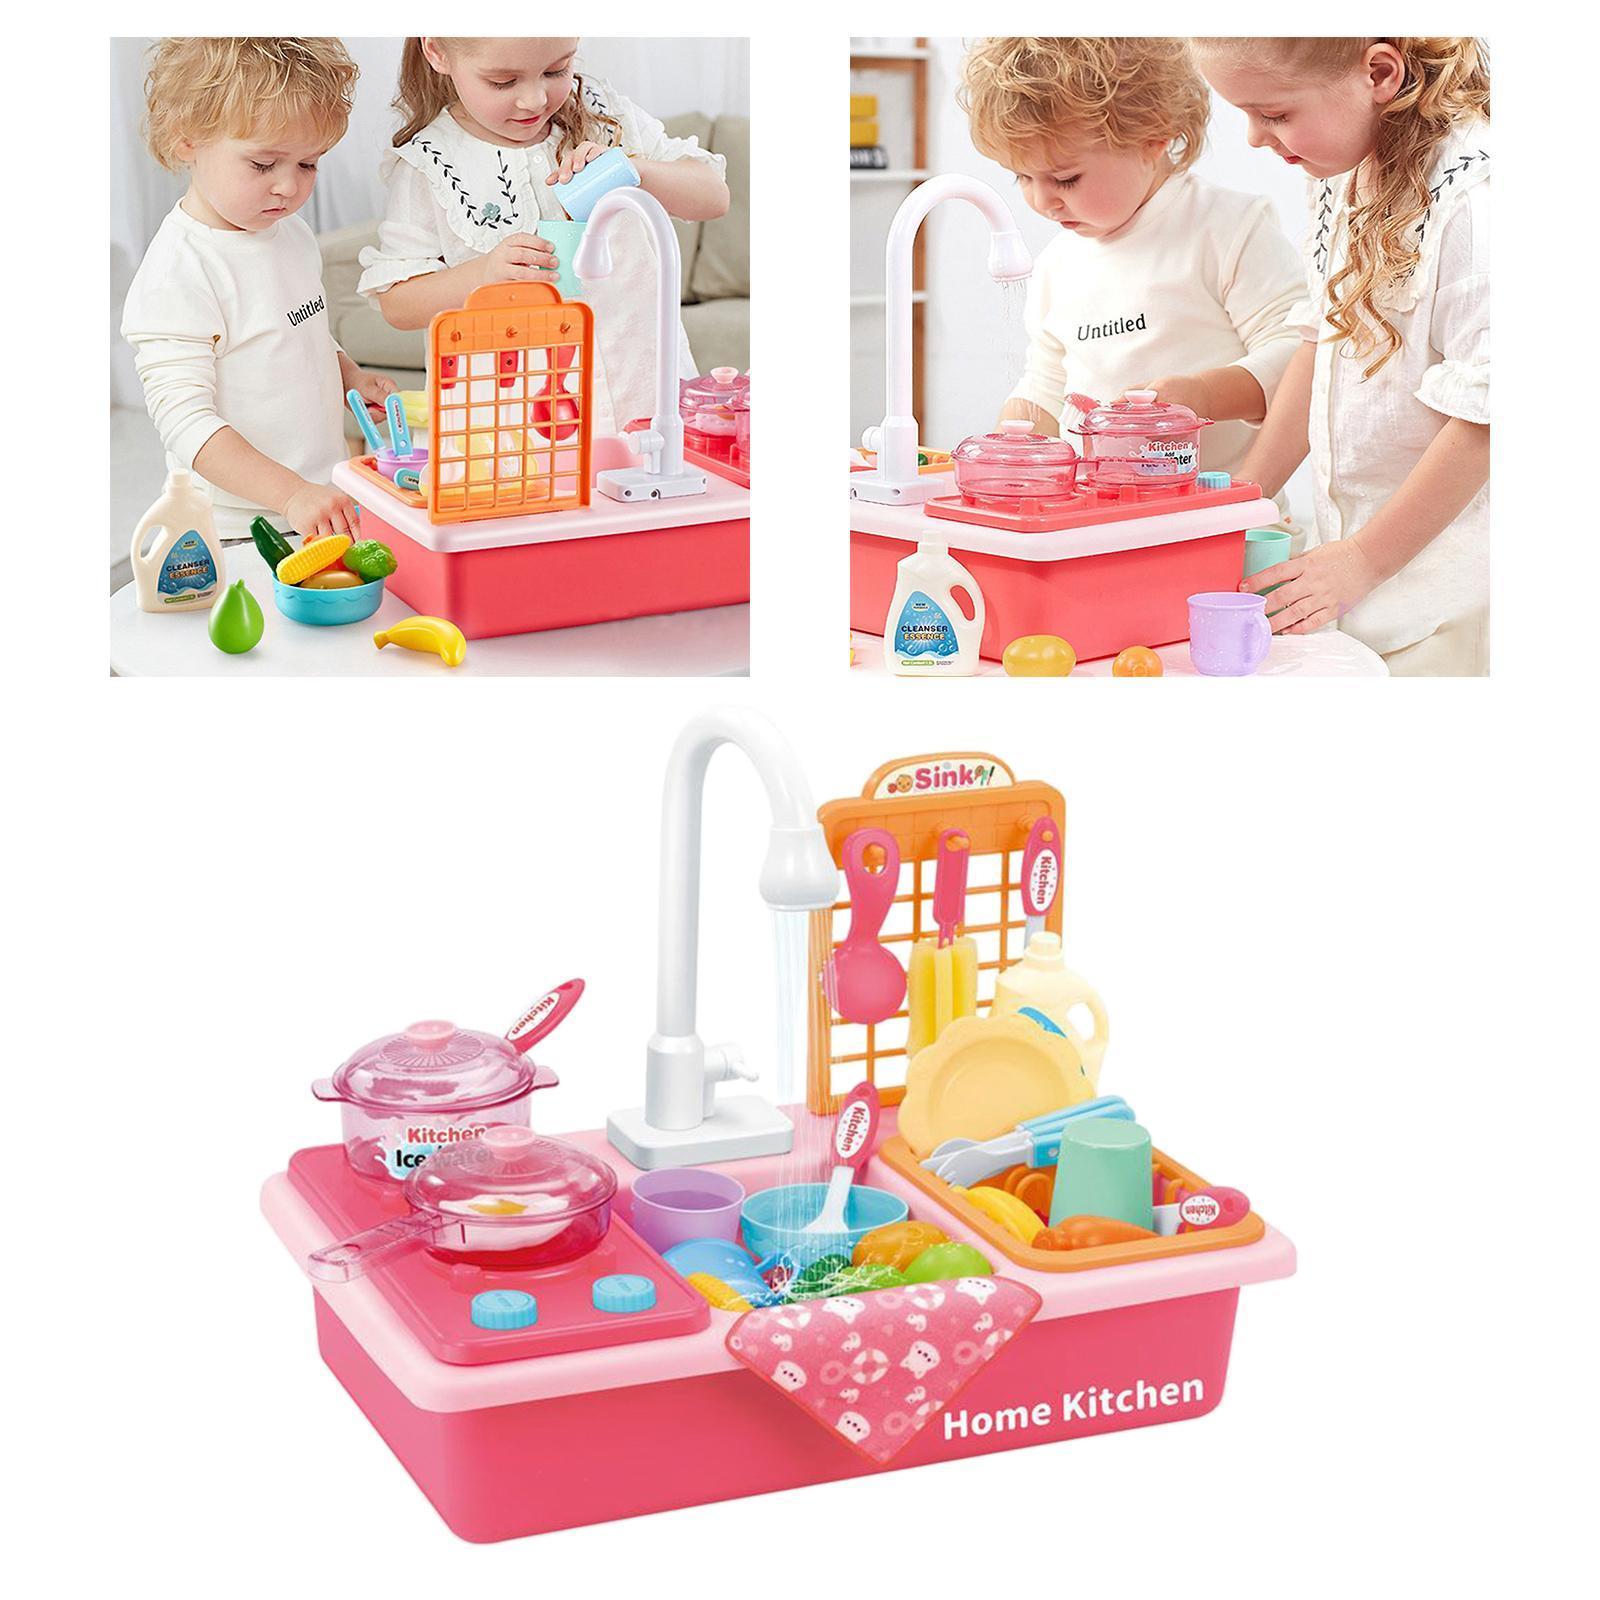 Indexbild 35 - Kinder-Kueche-Spielen-Waschbecken-Spielzeug-Automatische-Wasser-Zyklus-System